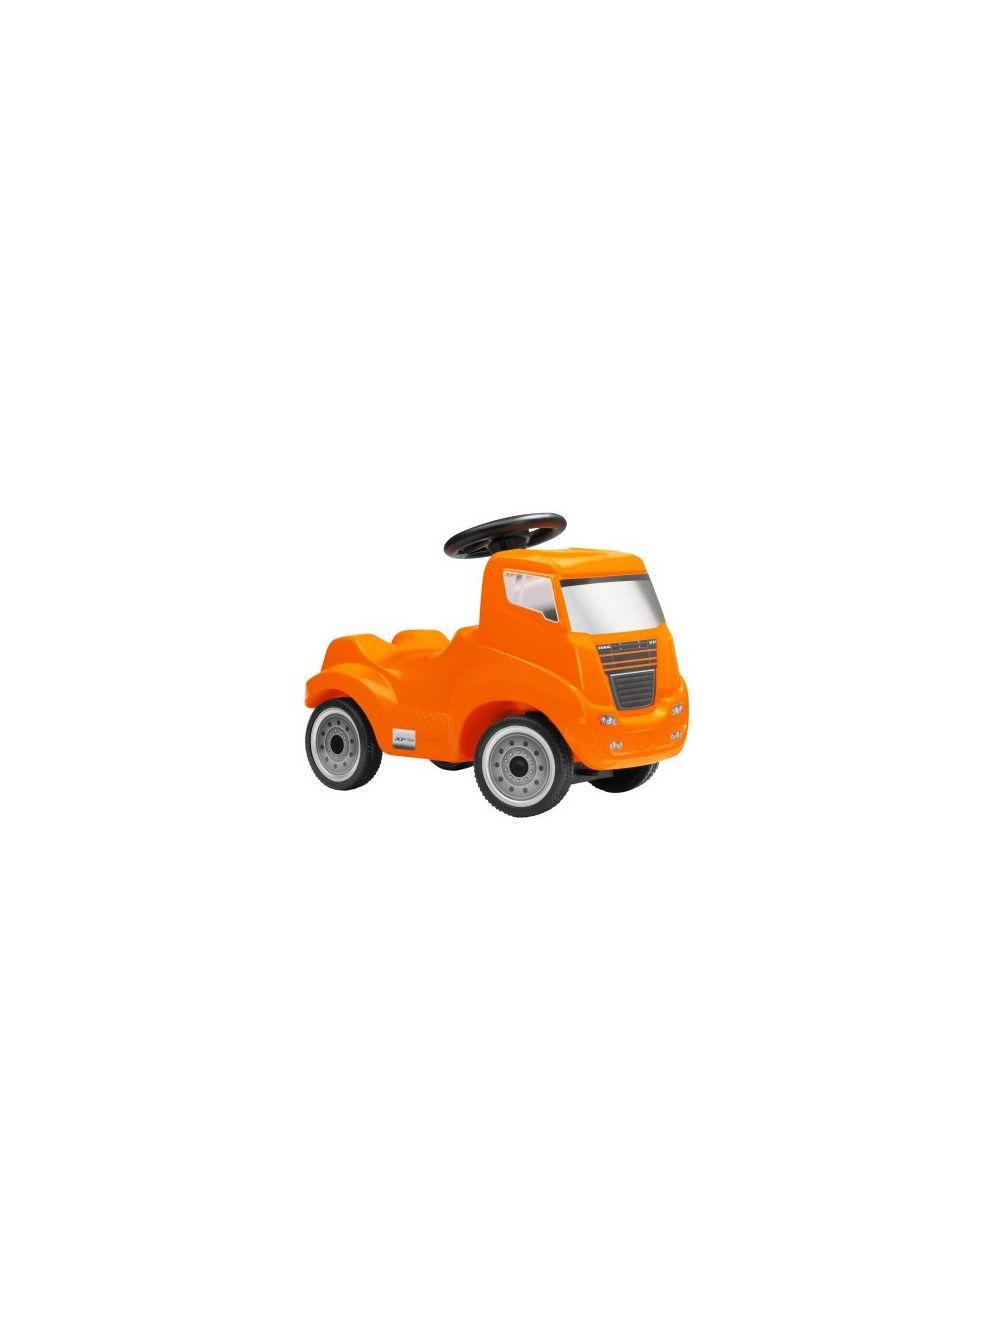 Tõukeauto Ferbedo Truck Rutscher DAF Orange